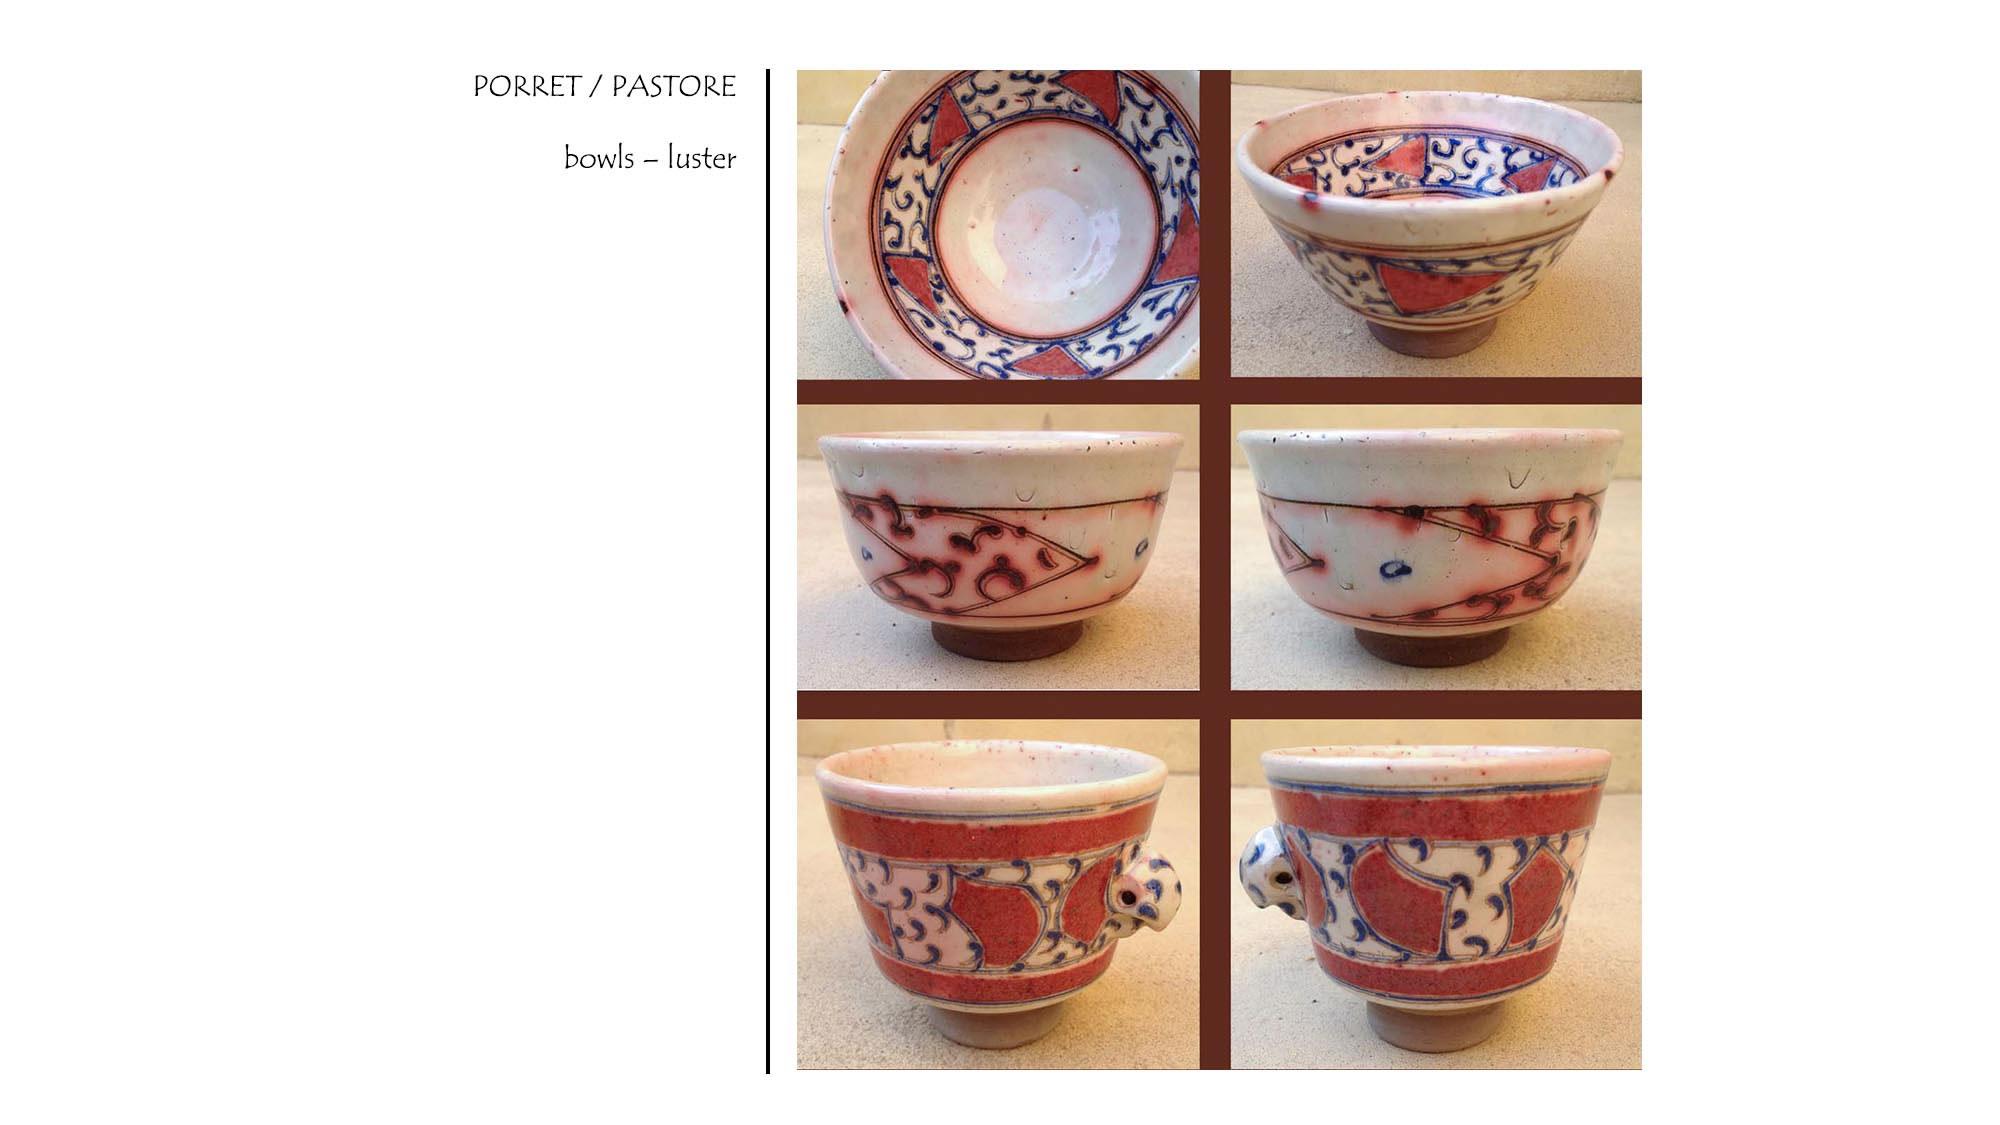 fayoum-pottery-cairo-14.jpg